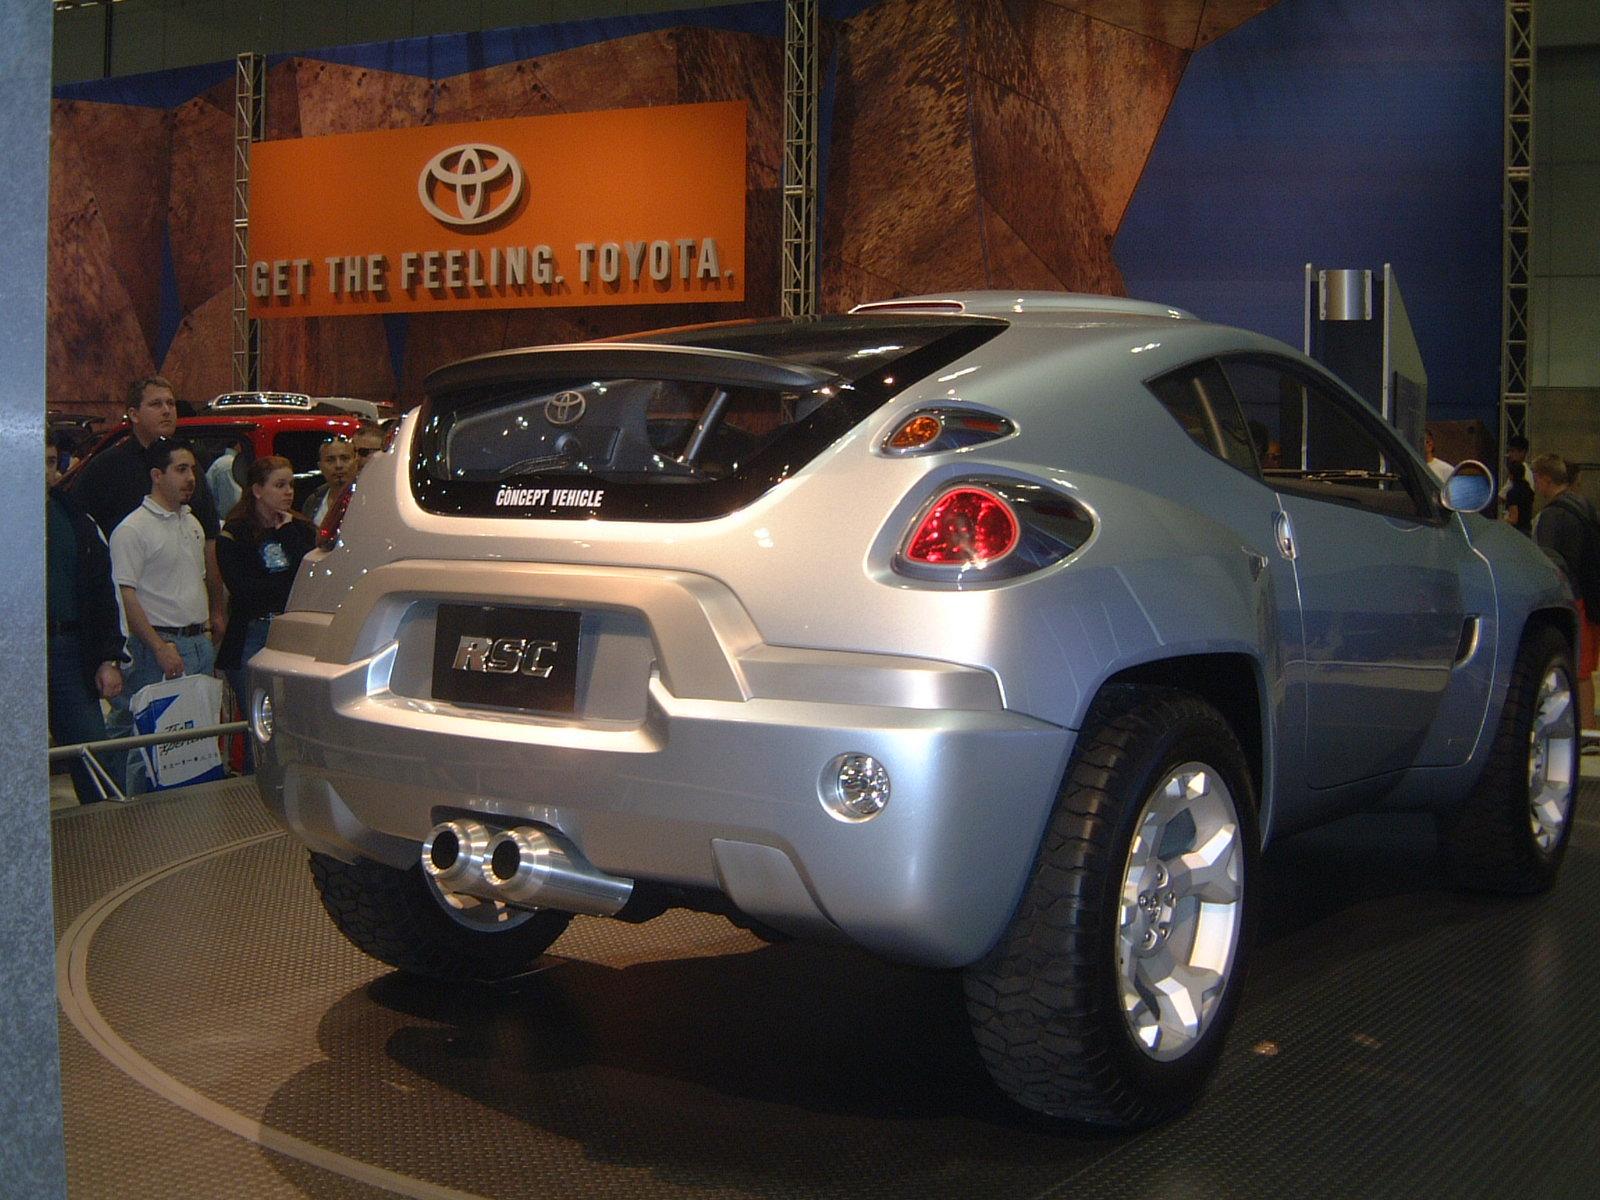 Toyota_RSC_LA_autoshow_2002_(rear_view).jpg